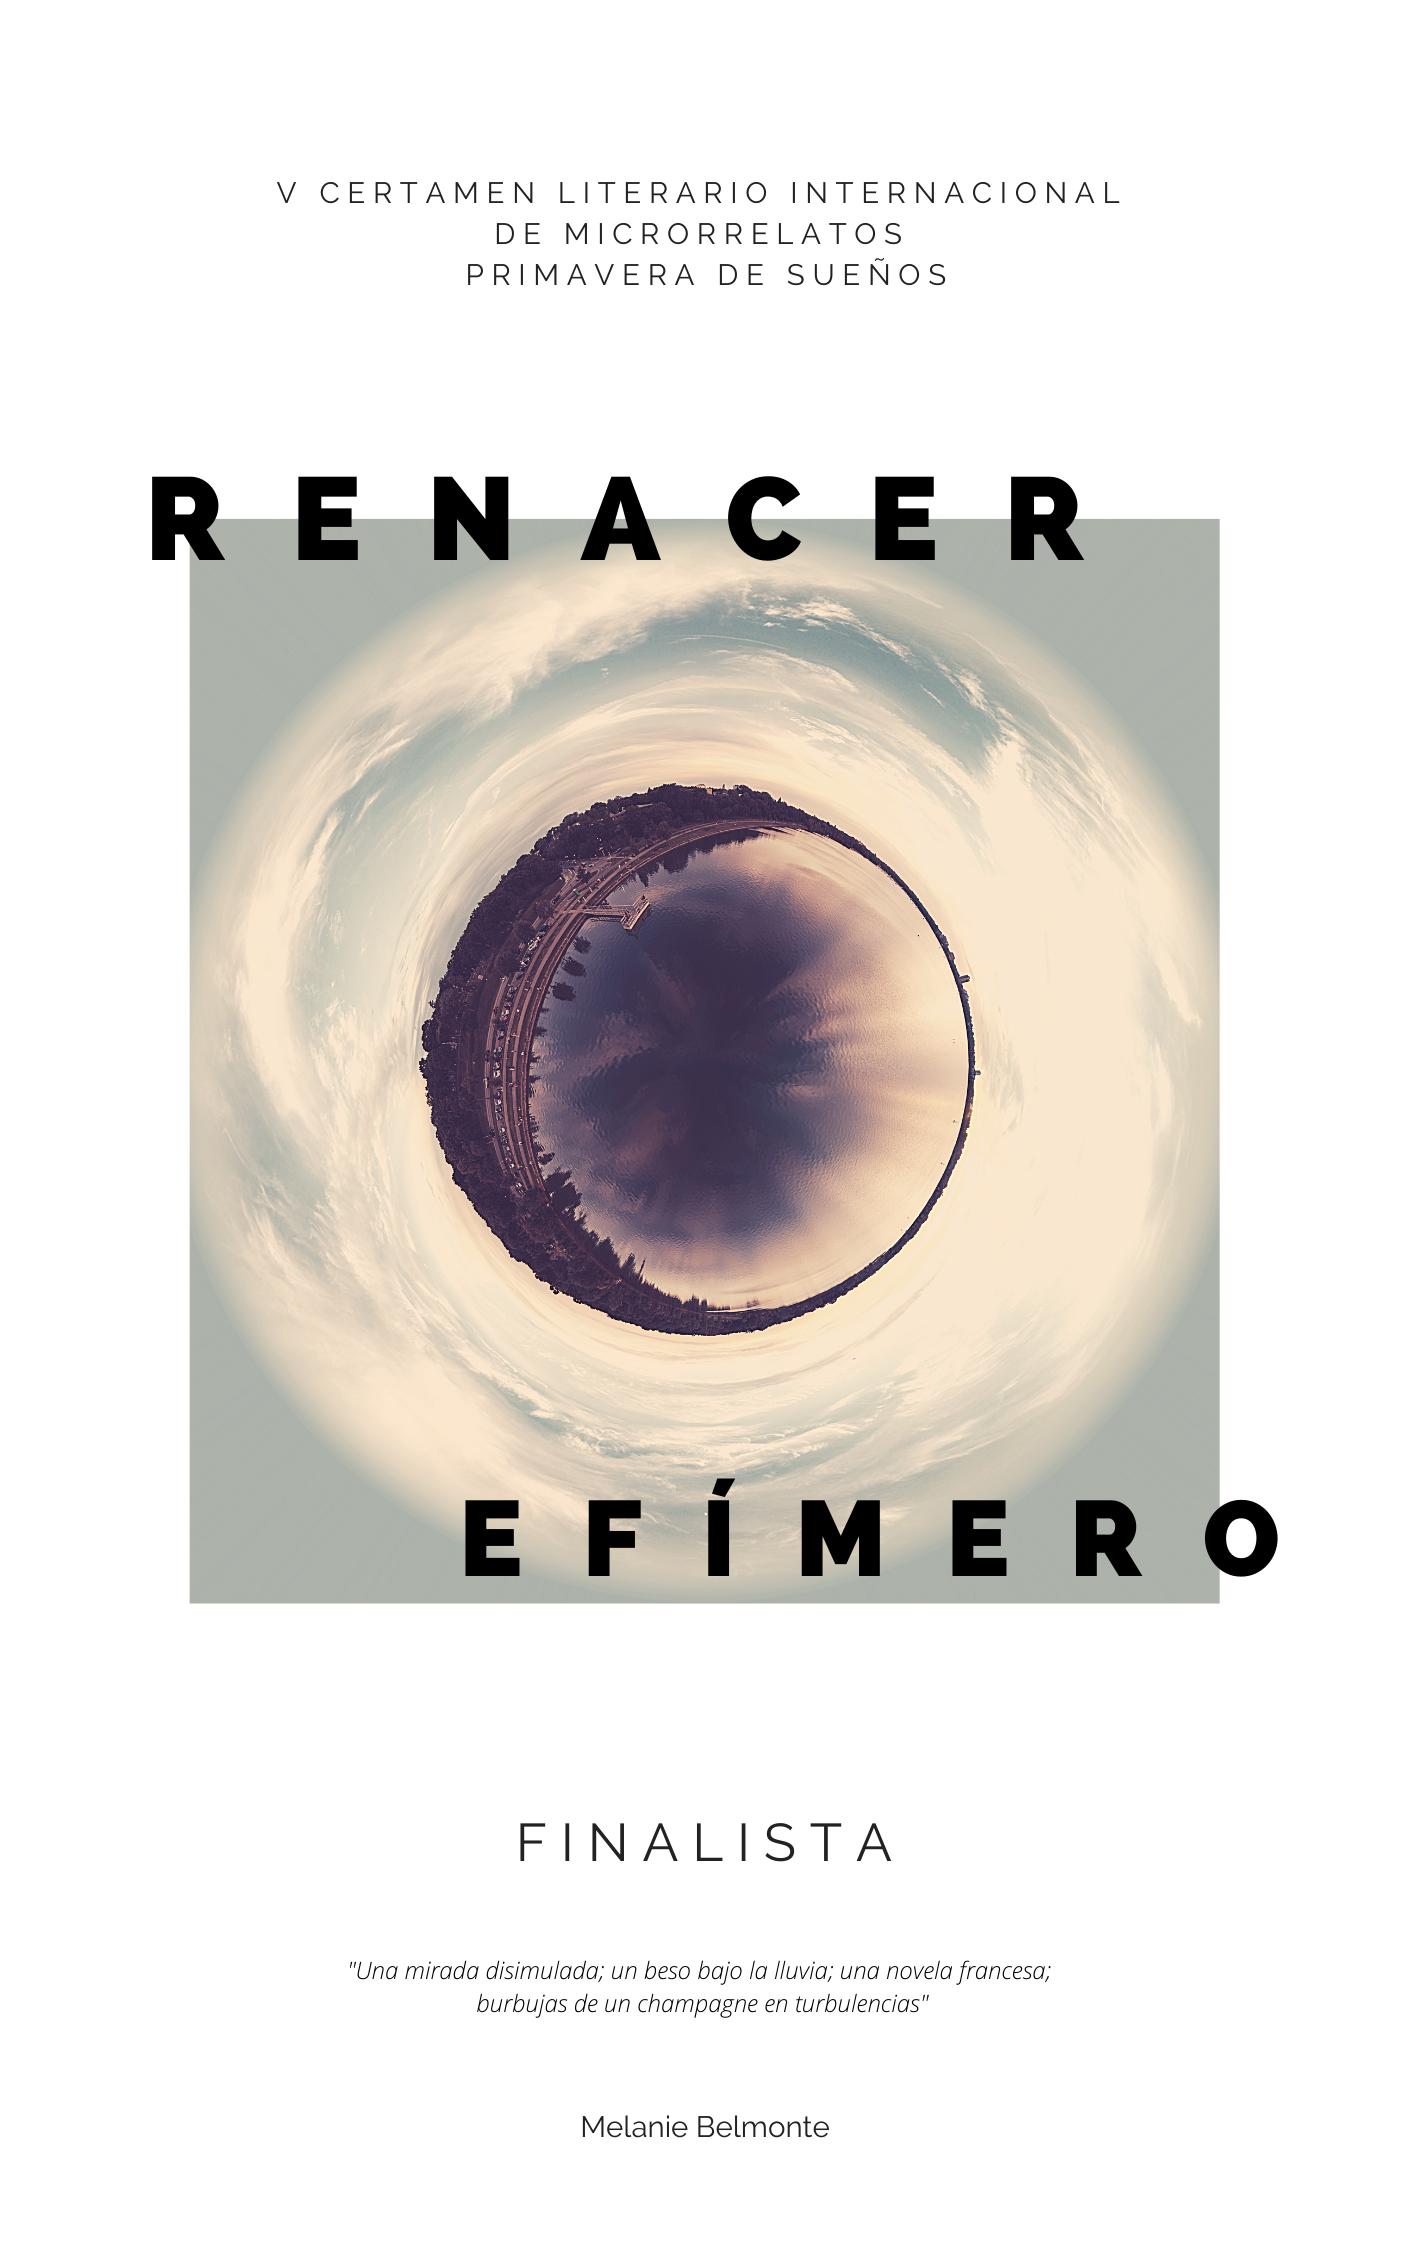 Renacer efímero